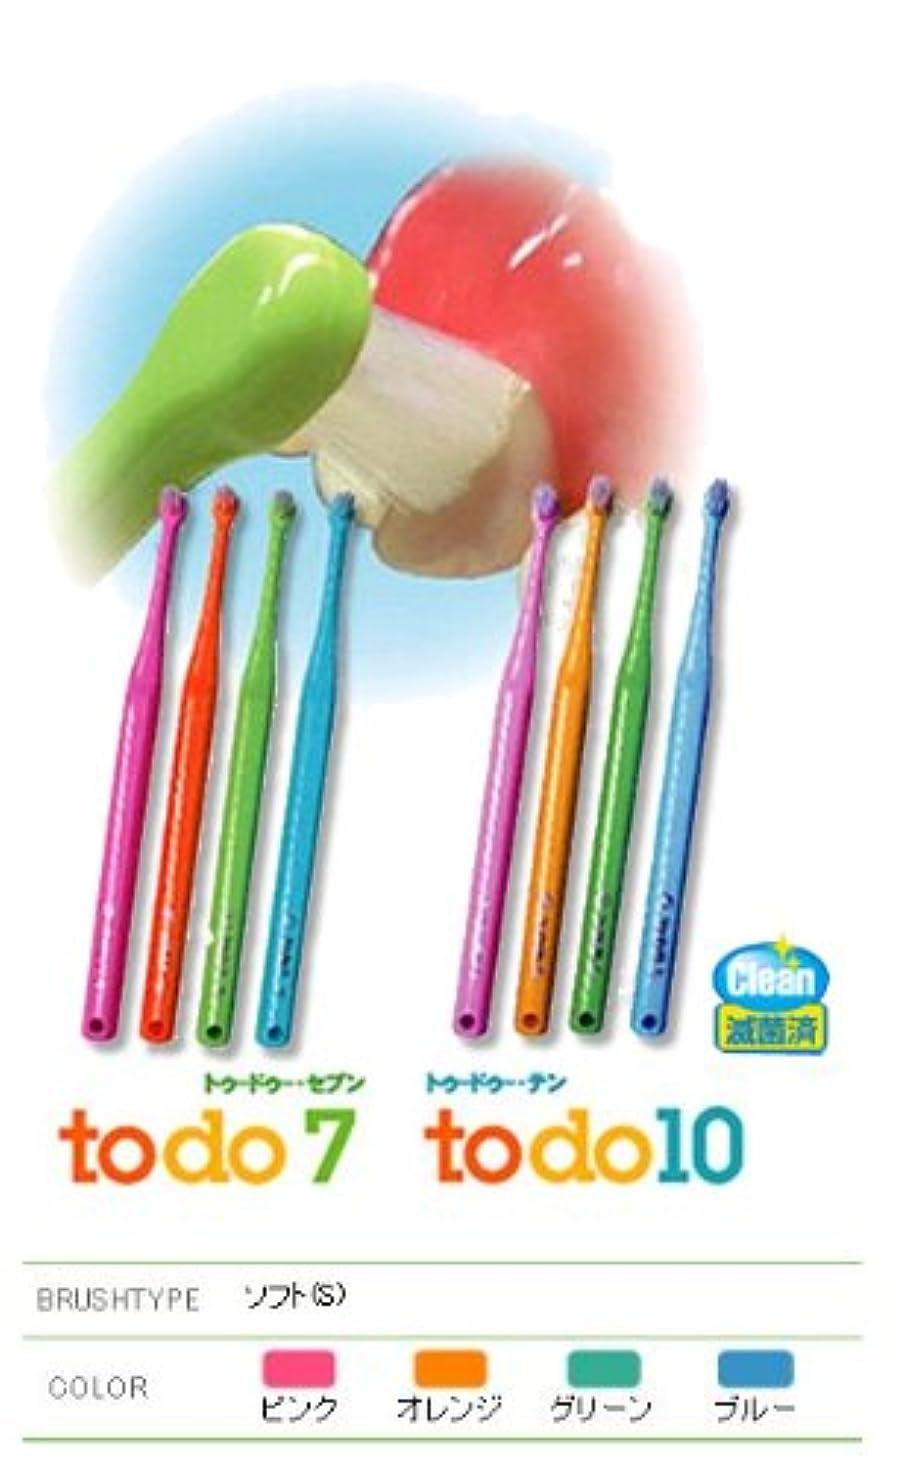 制約速度作ります【オーラルケア】【歯科用】todo10 1箱(24本)【歯ブラシ】【滅菌済】4色(アソート)トゥードゥー?テン